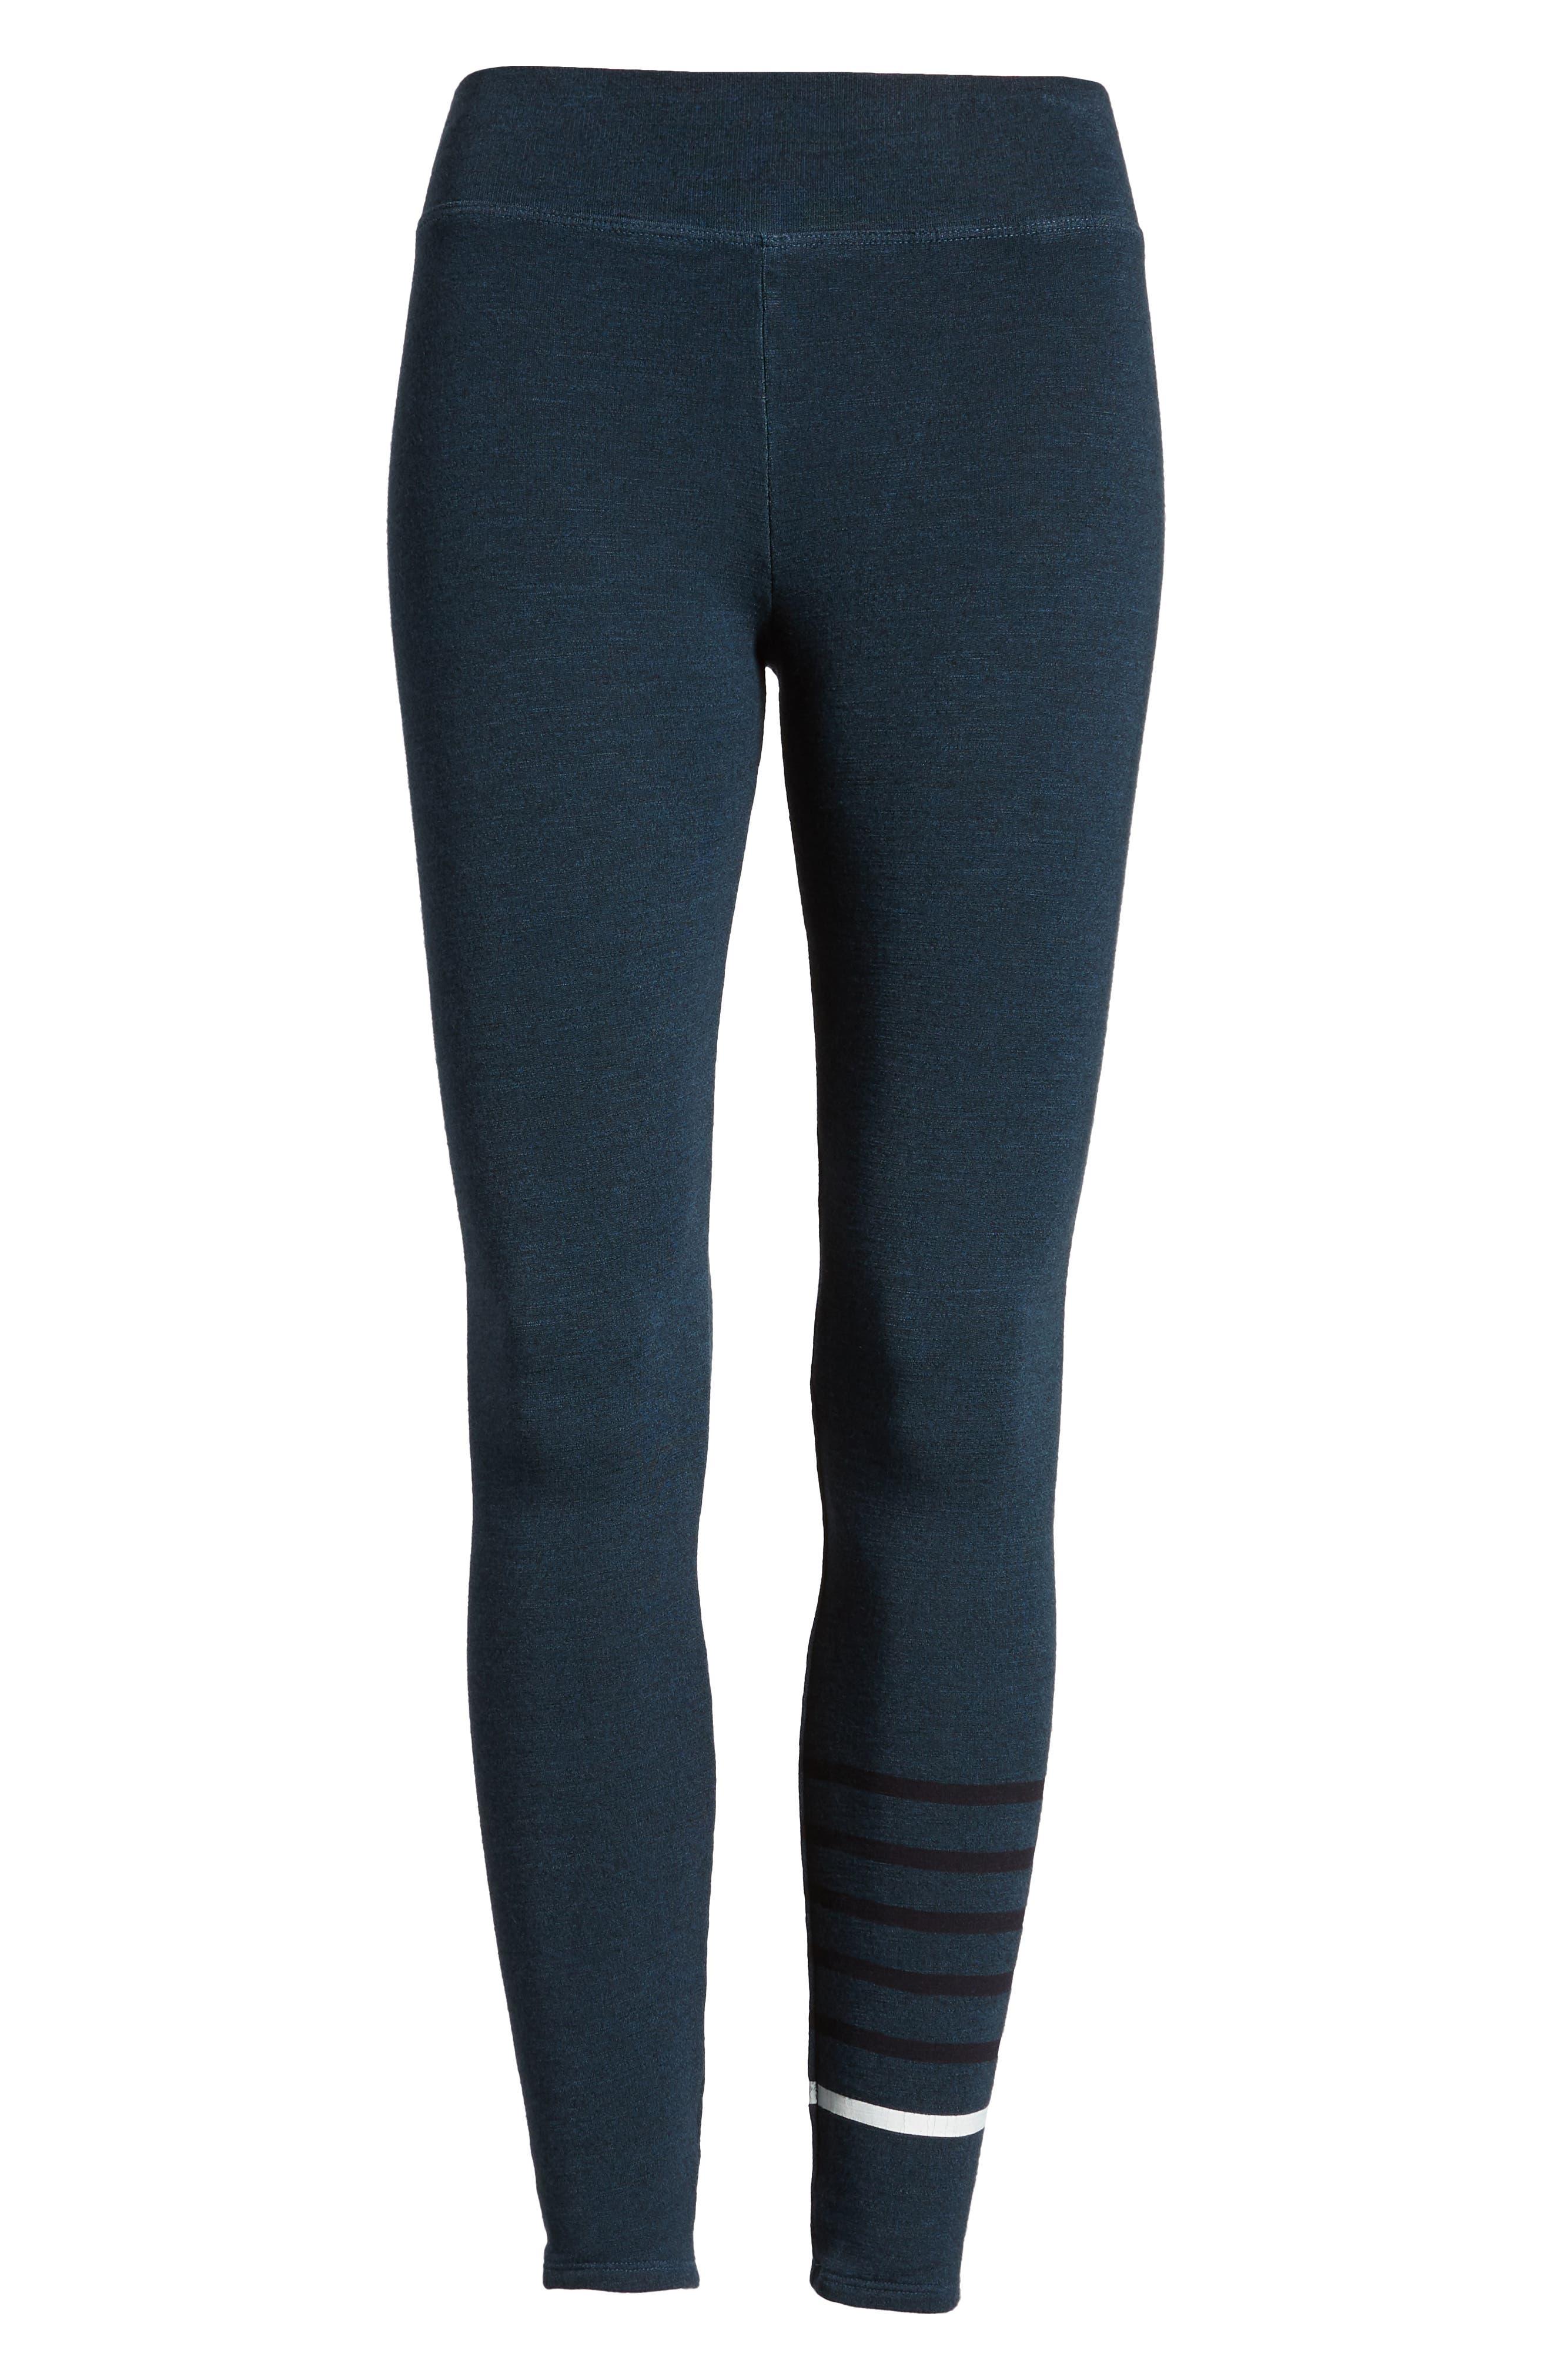 Stripe Yoga Pants,                             Alternate thumbnail 7, color,                             405